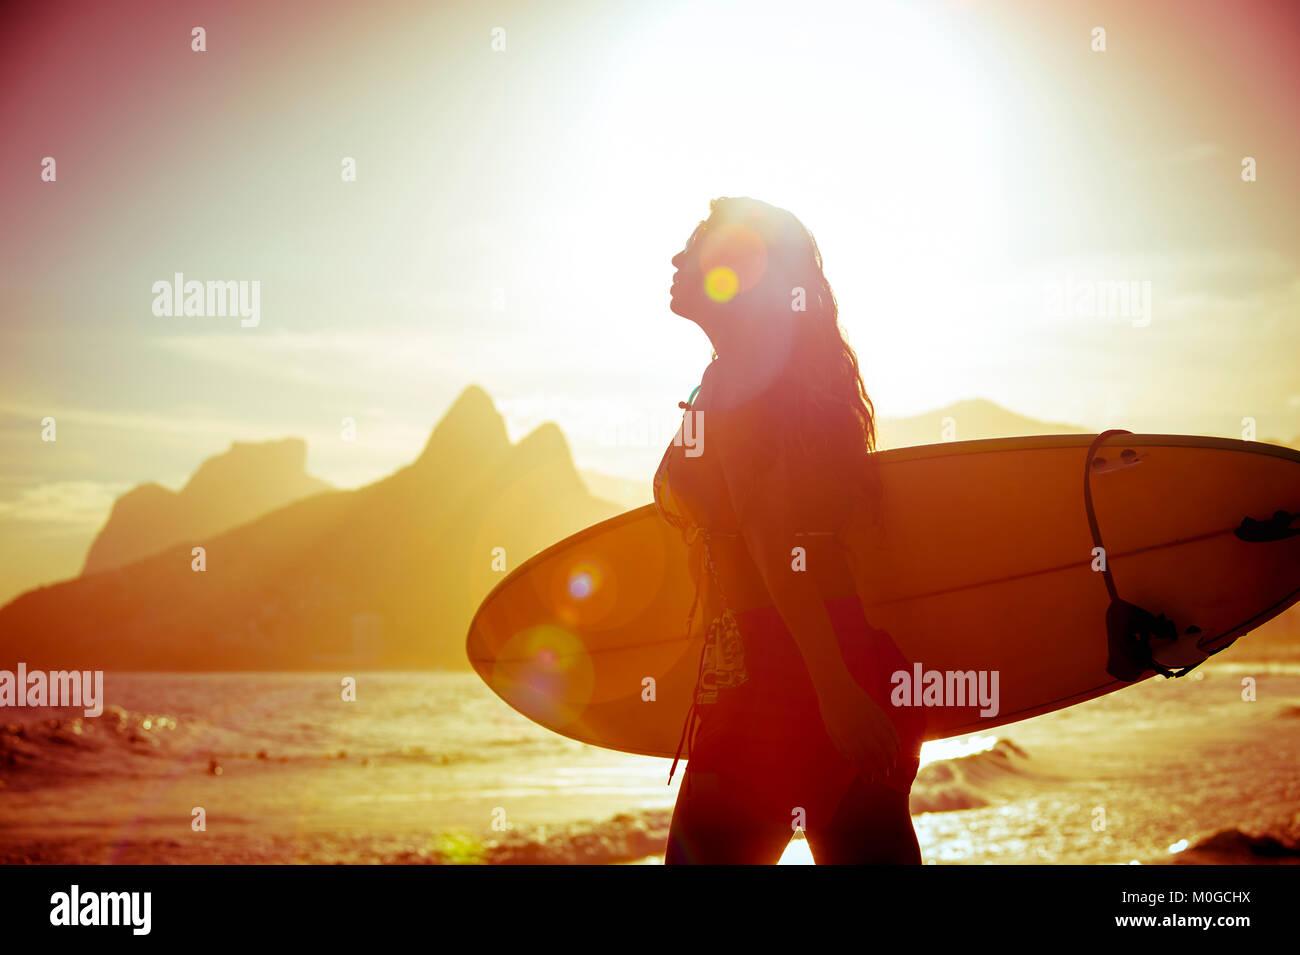 Irriconoscibile silhouette di donna surfer a piedi con la sua tavola da surf a Arpoador, il popolare surf break Immagini Stock